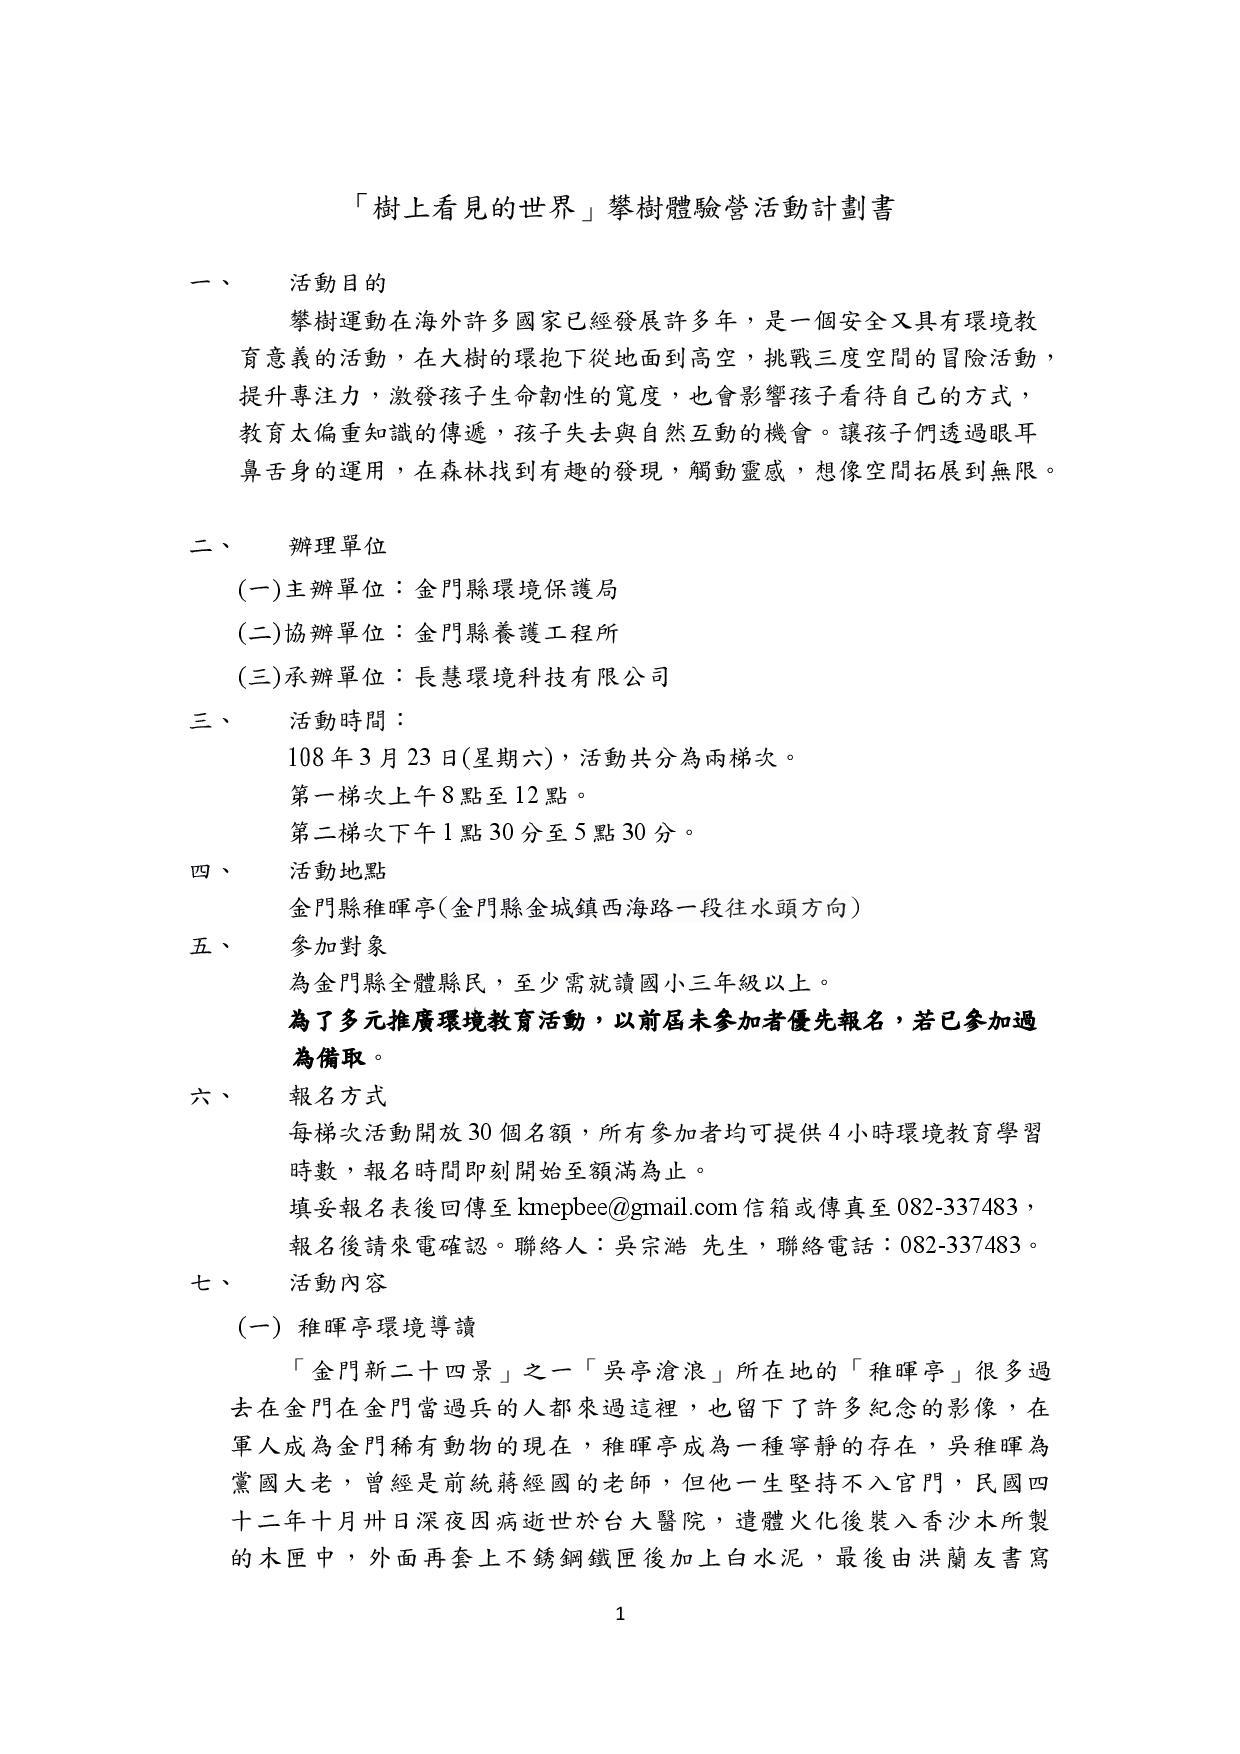 108年度攀樹體驗營活動計畫書(含報名表)